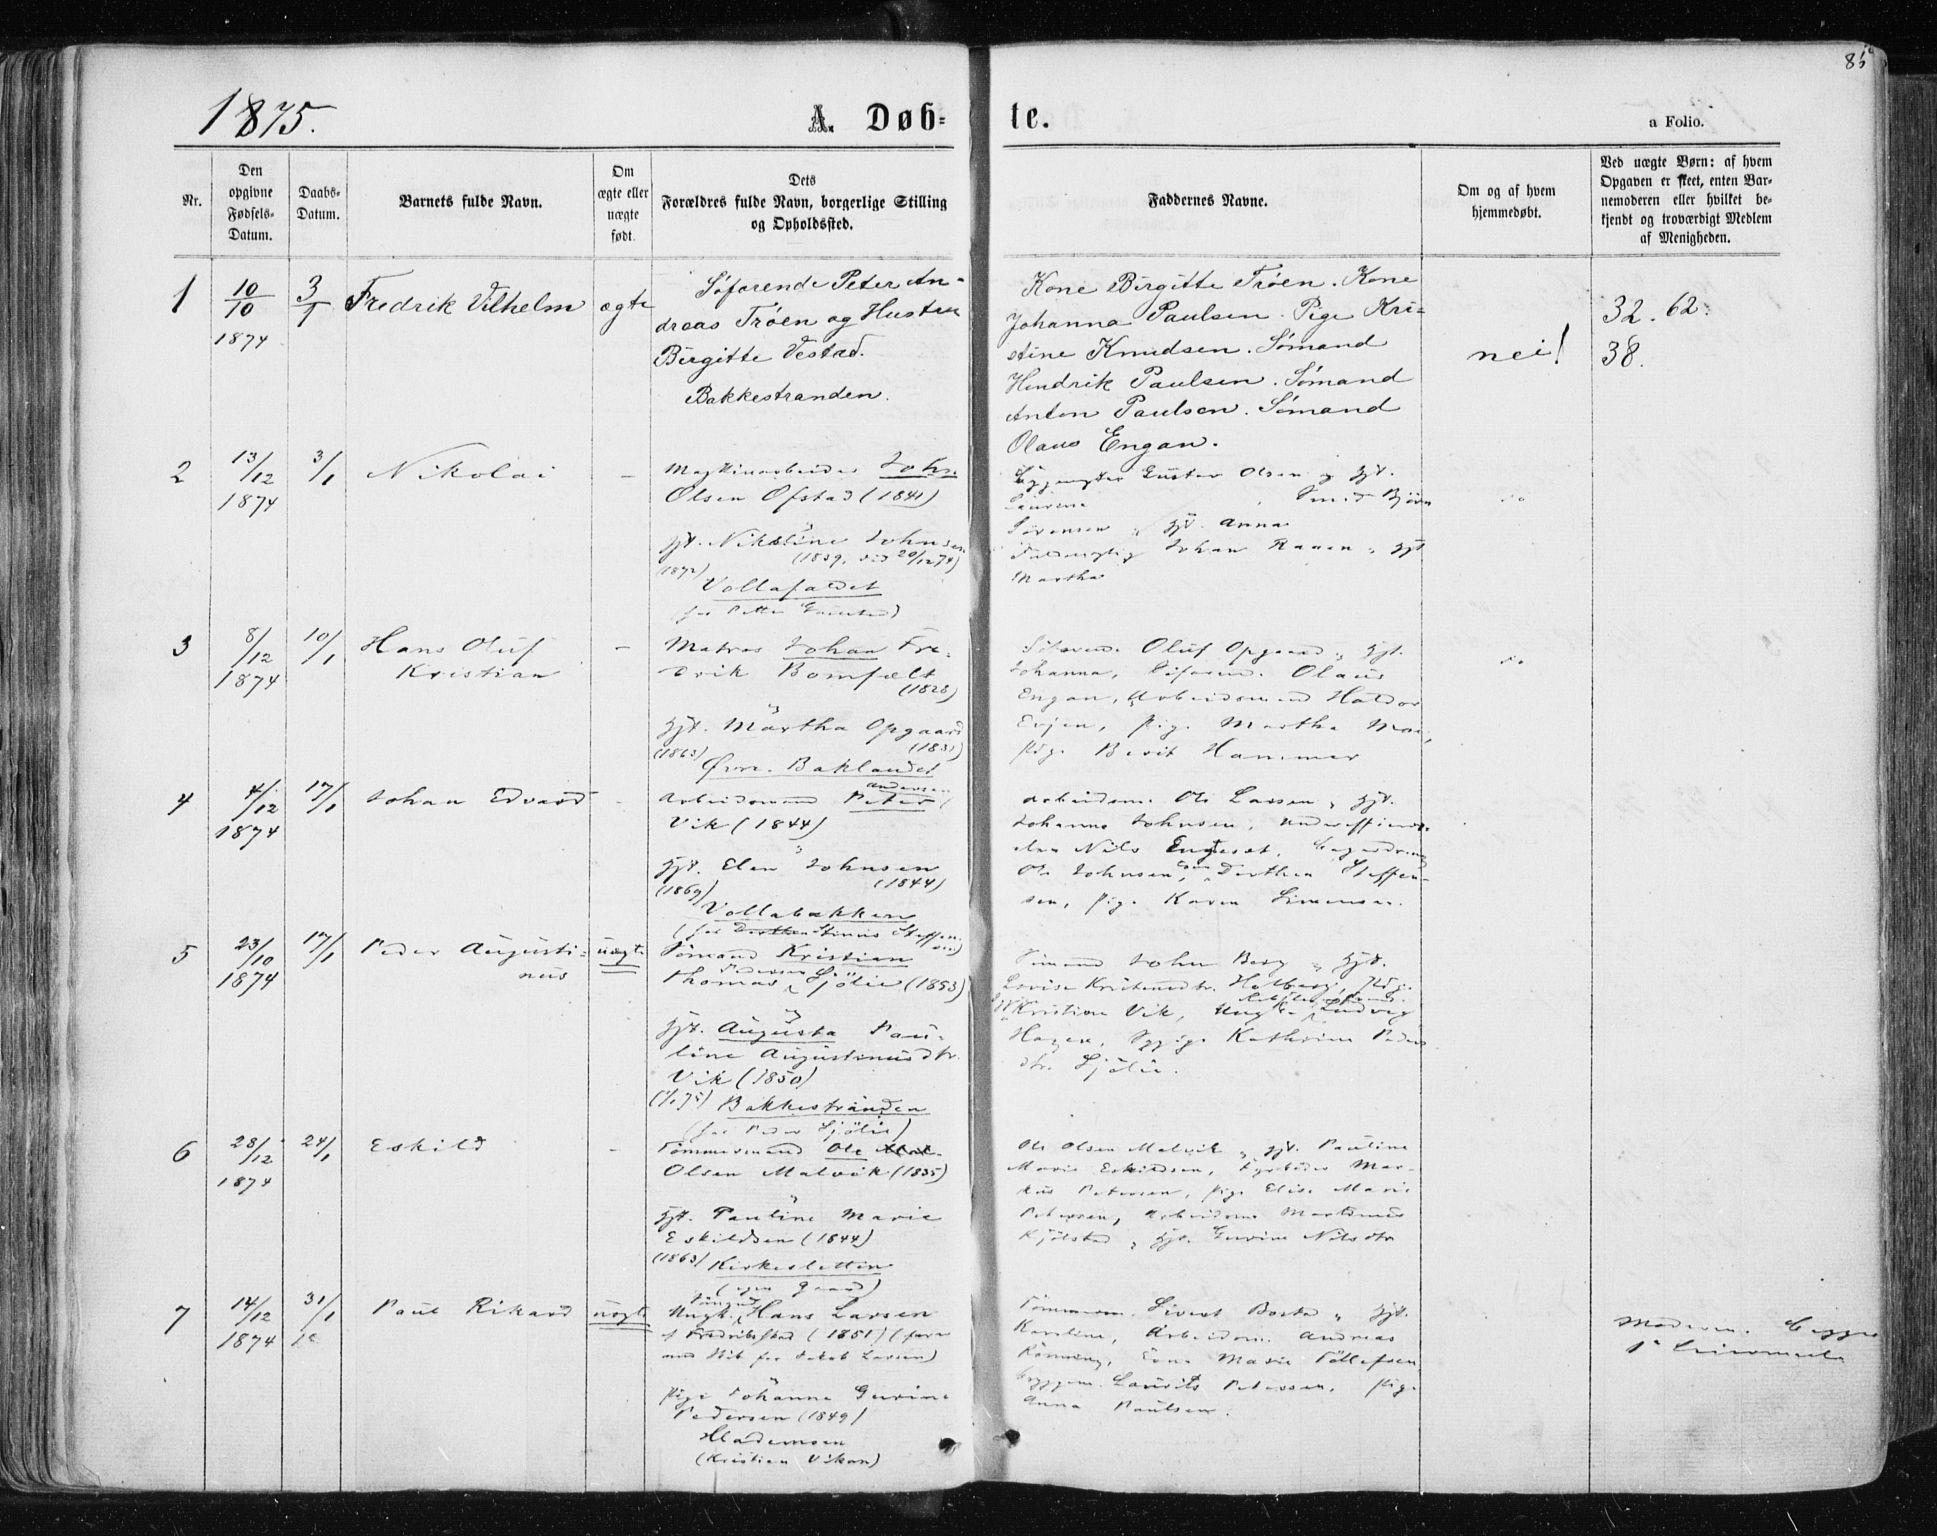 SAT, Ministerialprotokoller, klokkerbøker og fødselsregistre - Sør-Trøndelag, 604/L0186: Ministerialbok nr. 604A07, 1866-1877, s. 85